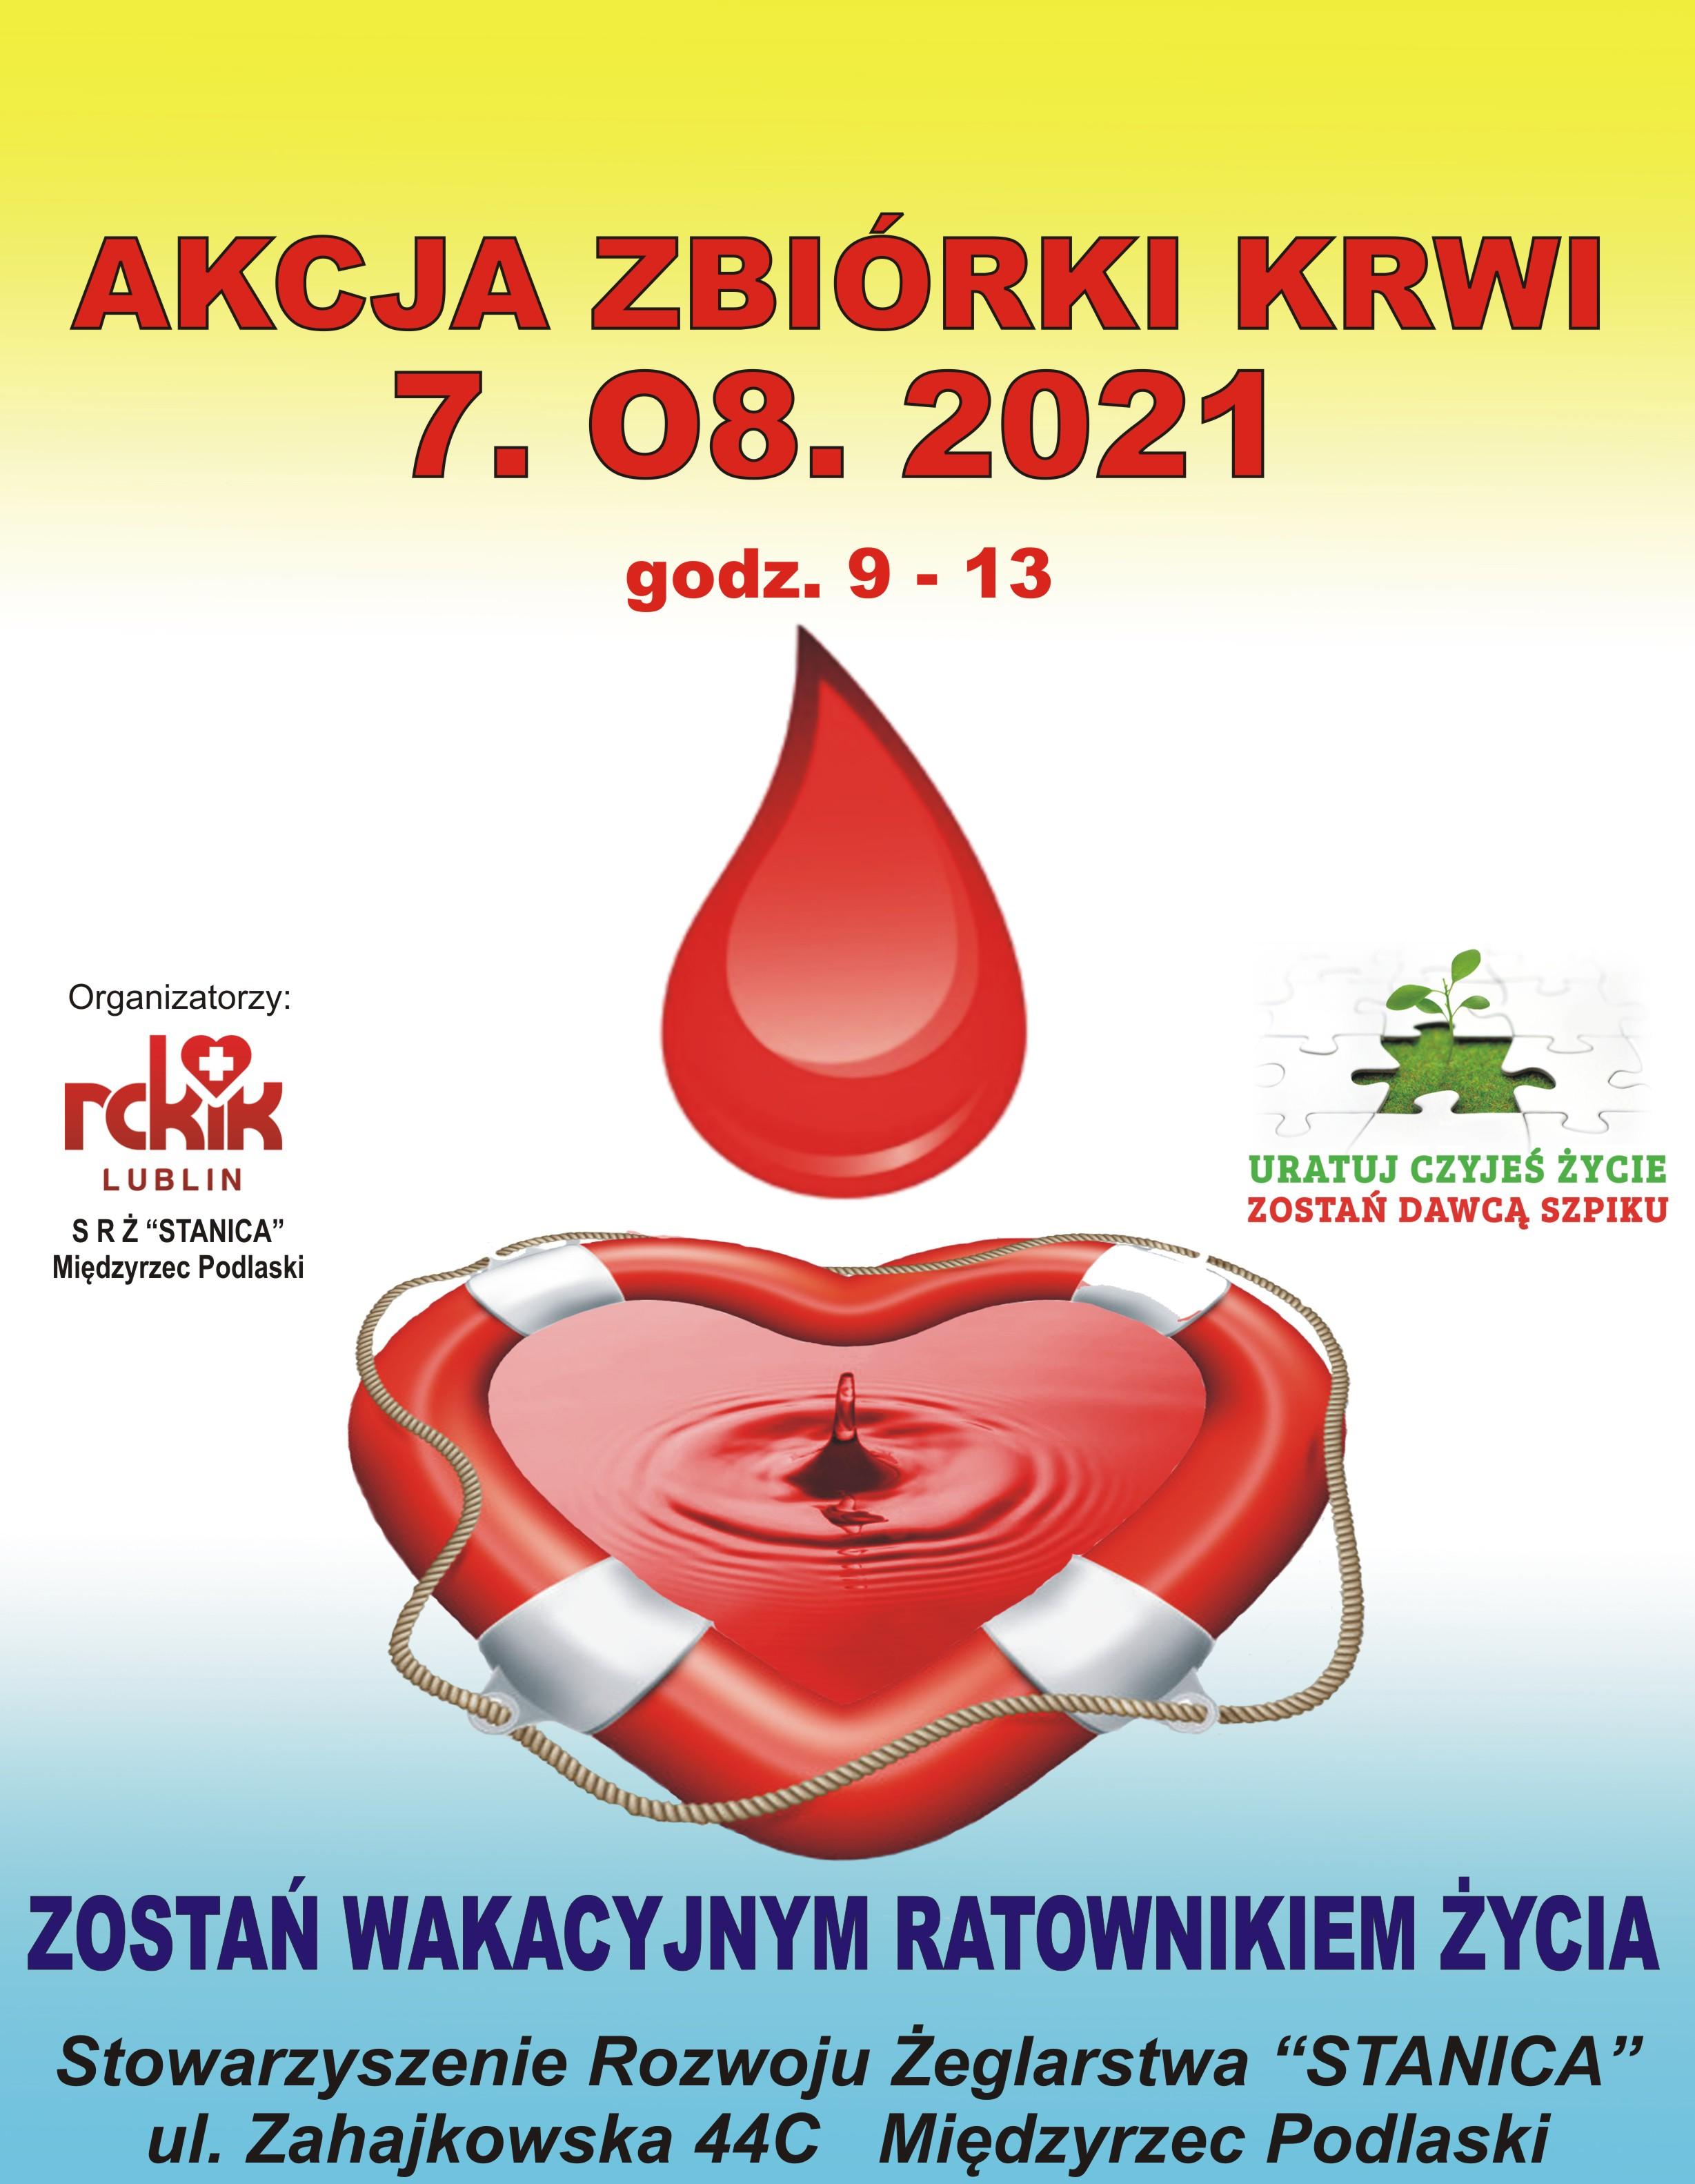 Rusza akcja zbiórki krwi - Zdjęcie główne